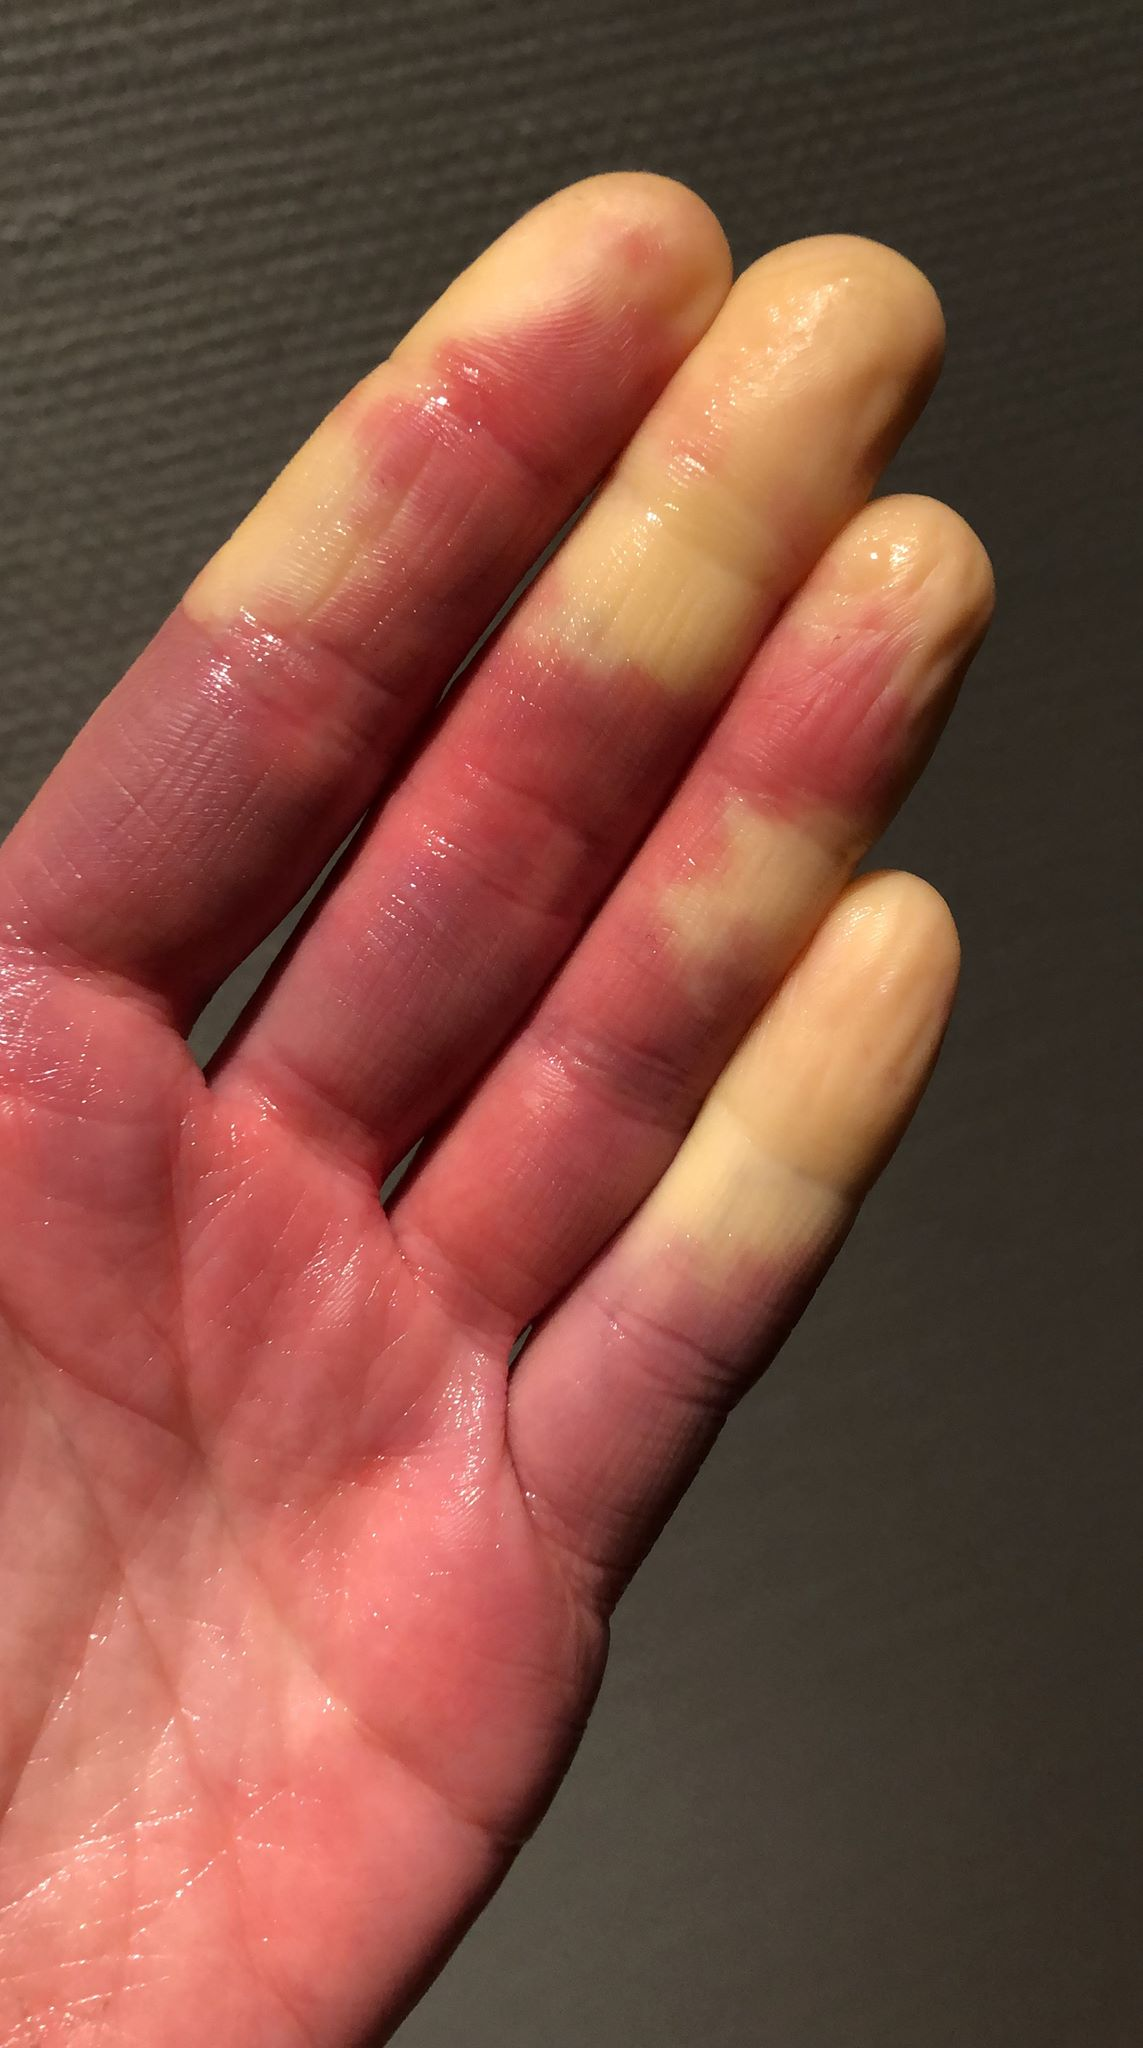 kolde fingre